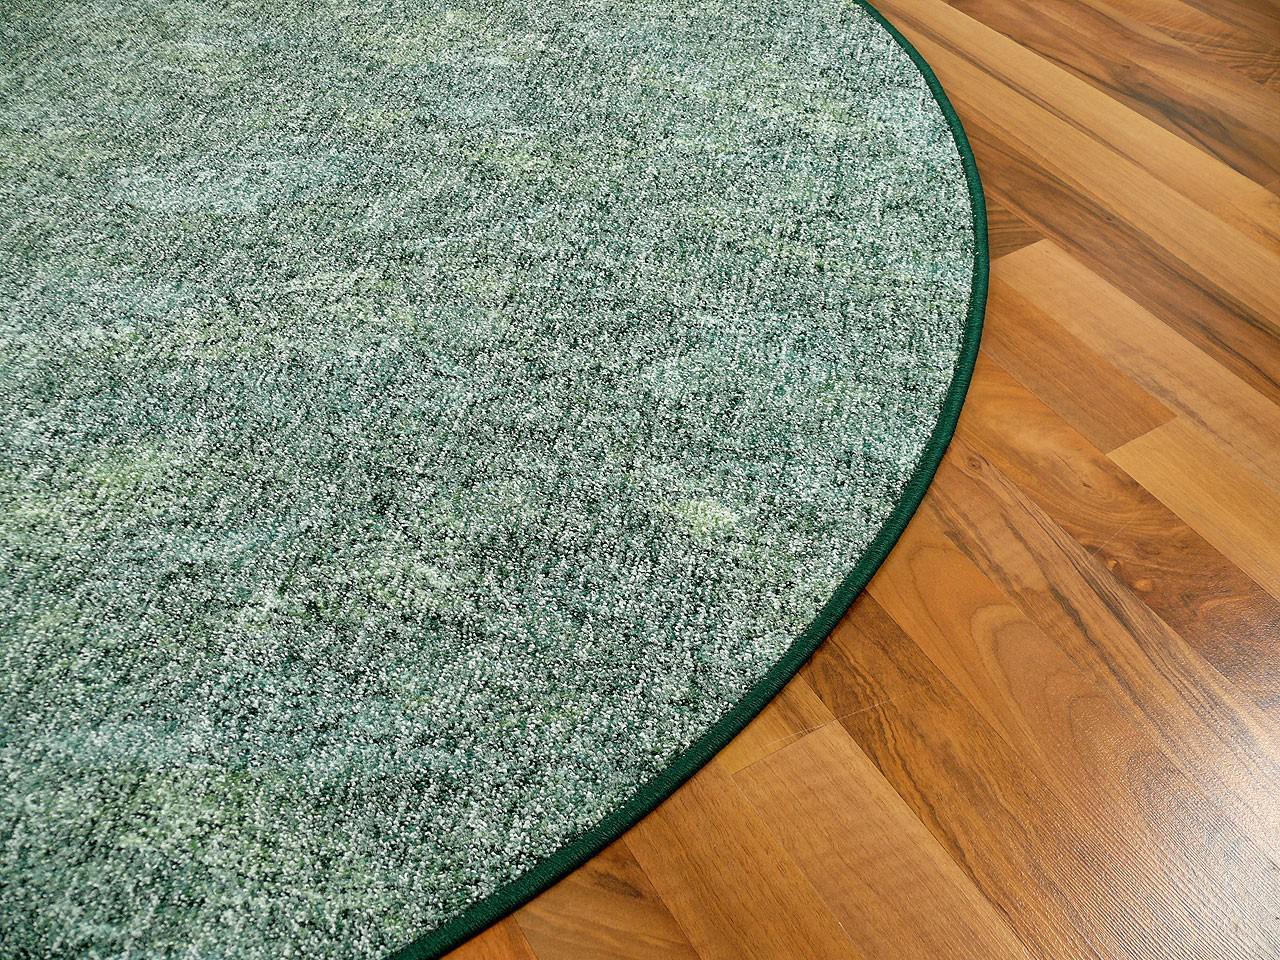 schlingen teppich memory gr n meliert rund in 7 gr en kaufen bei teppichversand24. Black Bedroom Furniture Sets. Home Design Ideas